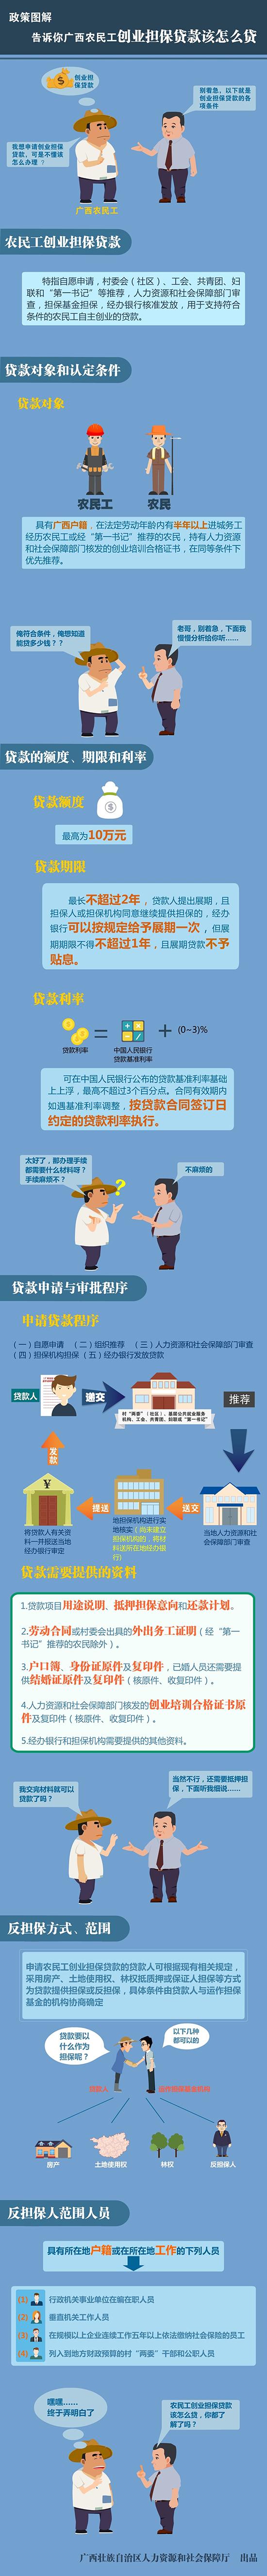 告诉你广西农民工创业担保贷款该怎么贷